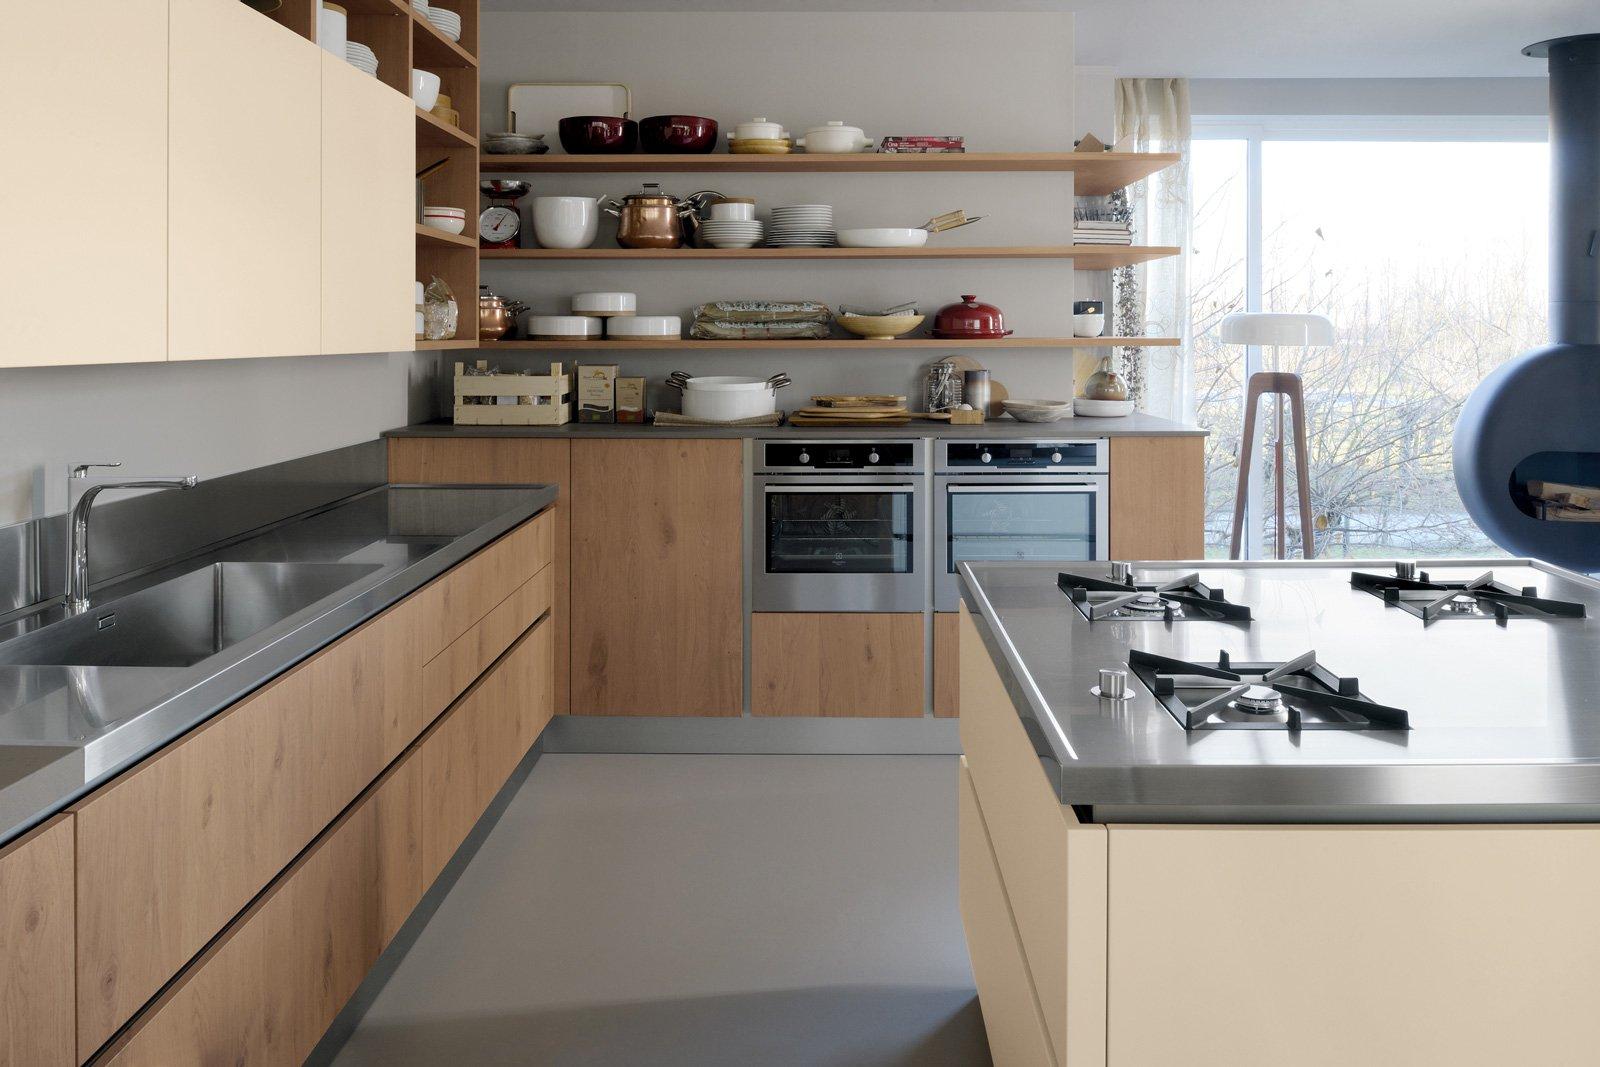 Piani di lavoro innovativi per la cucina cose di casa for Piani di casa di prossima generazione